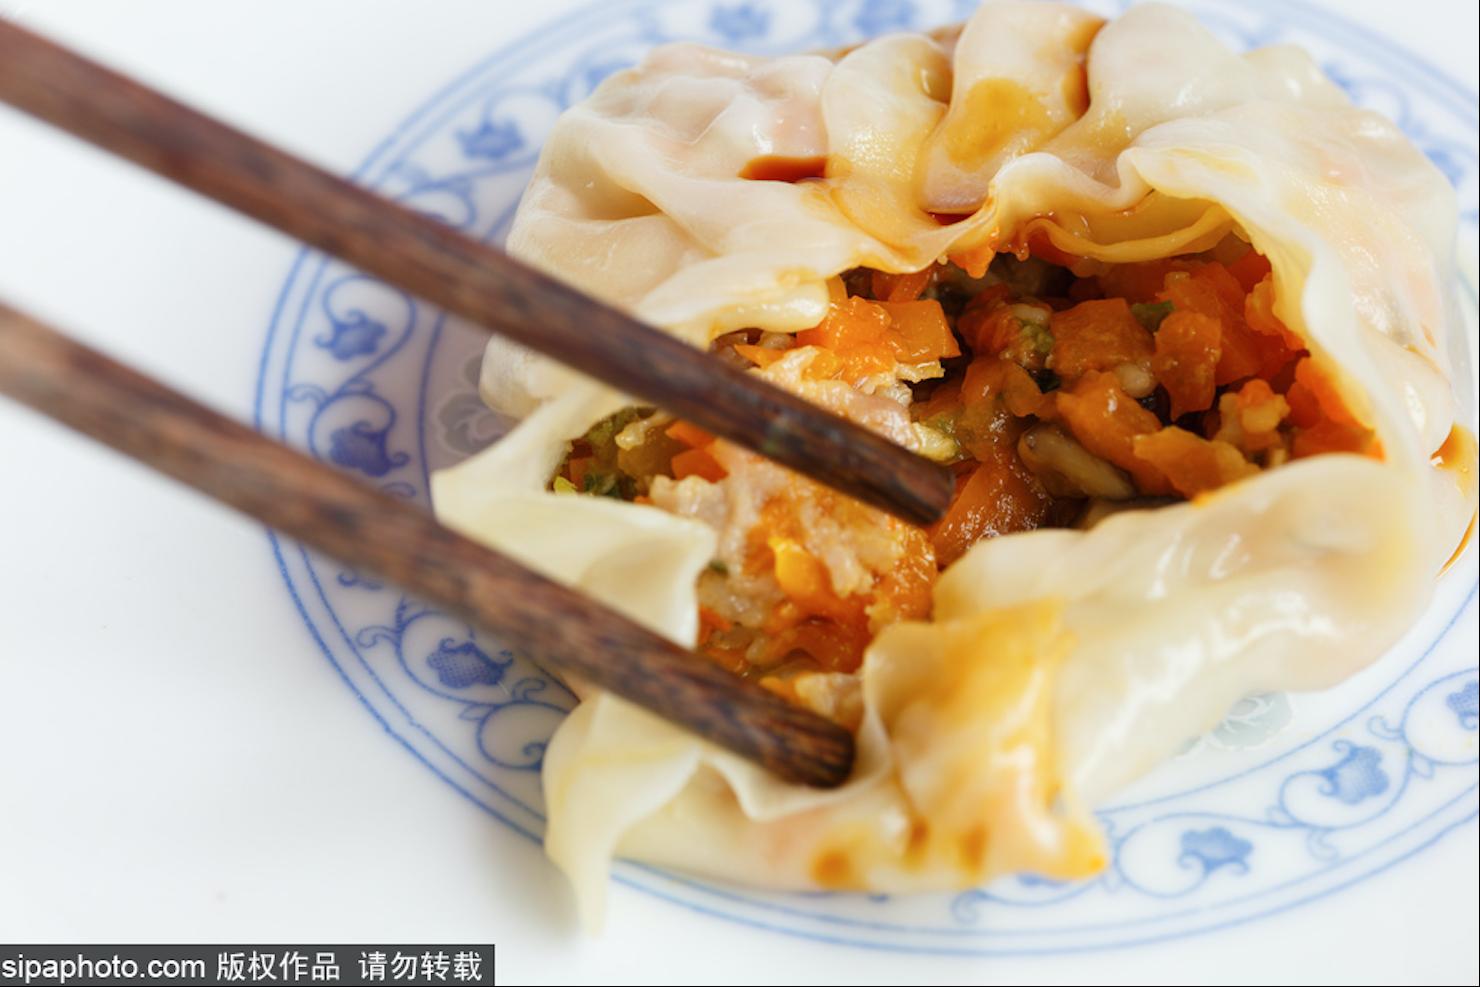 来北京旅游,不吃一顿饺子怎么行?